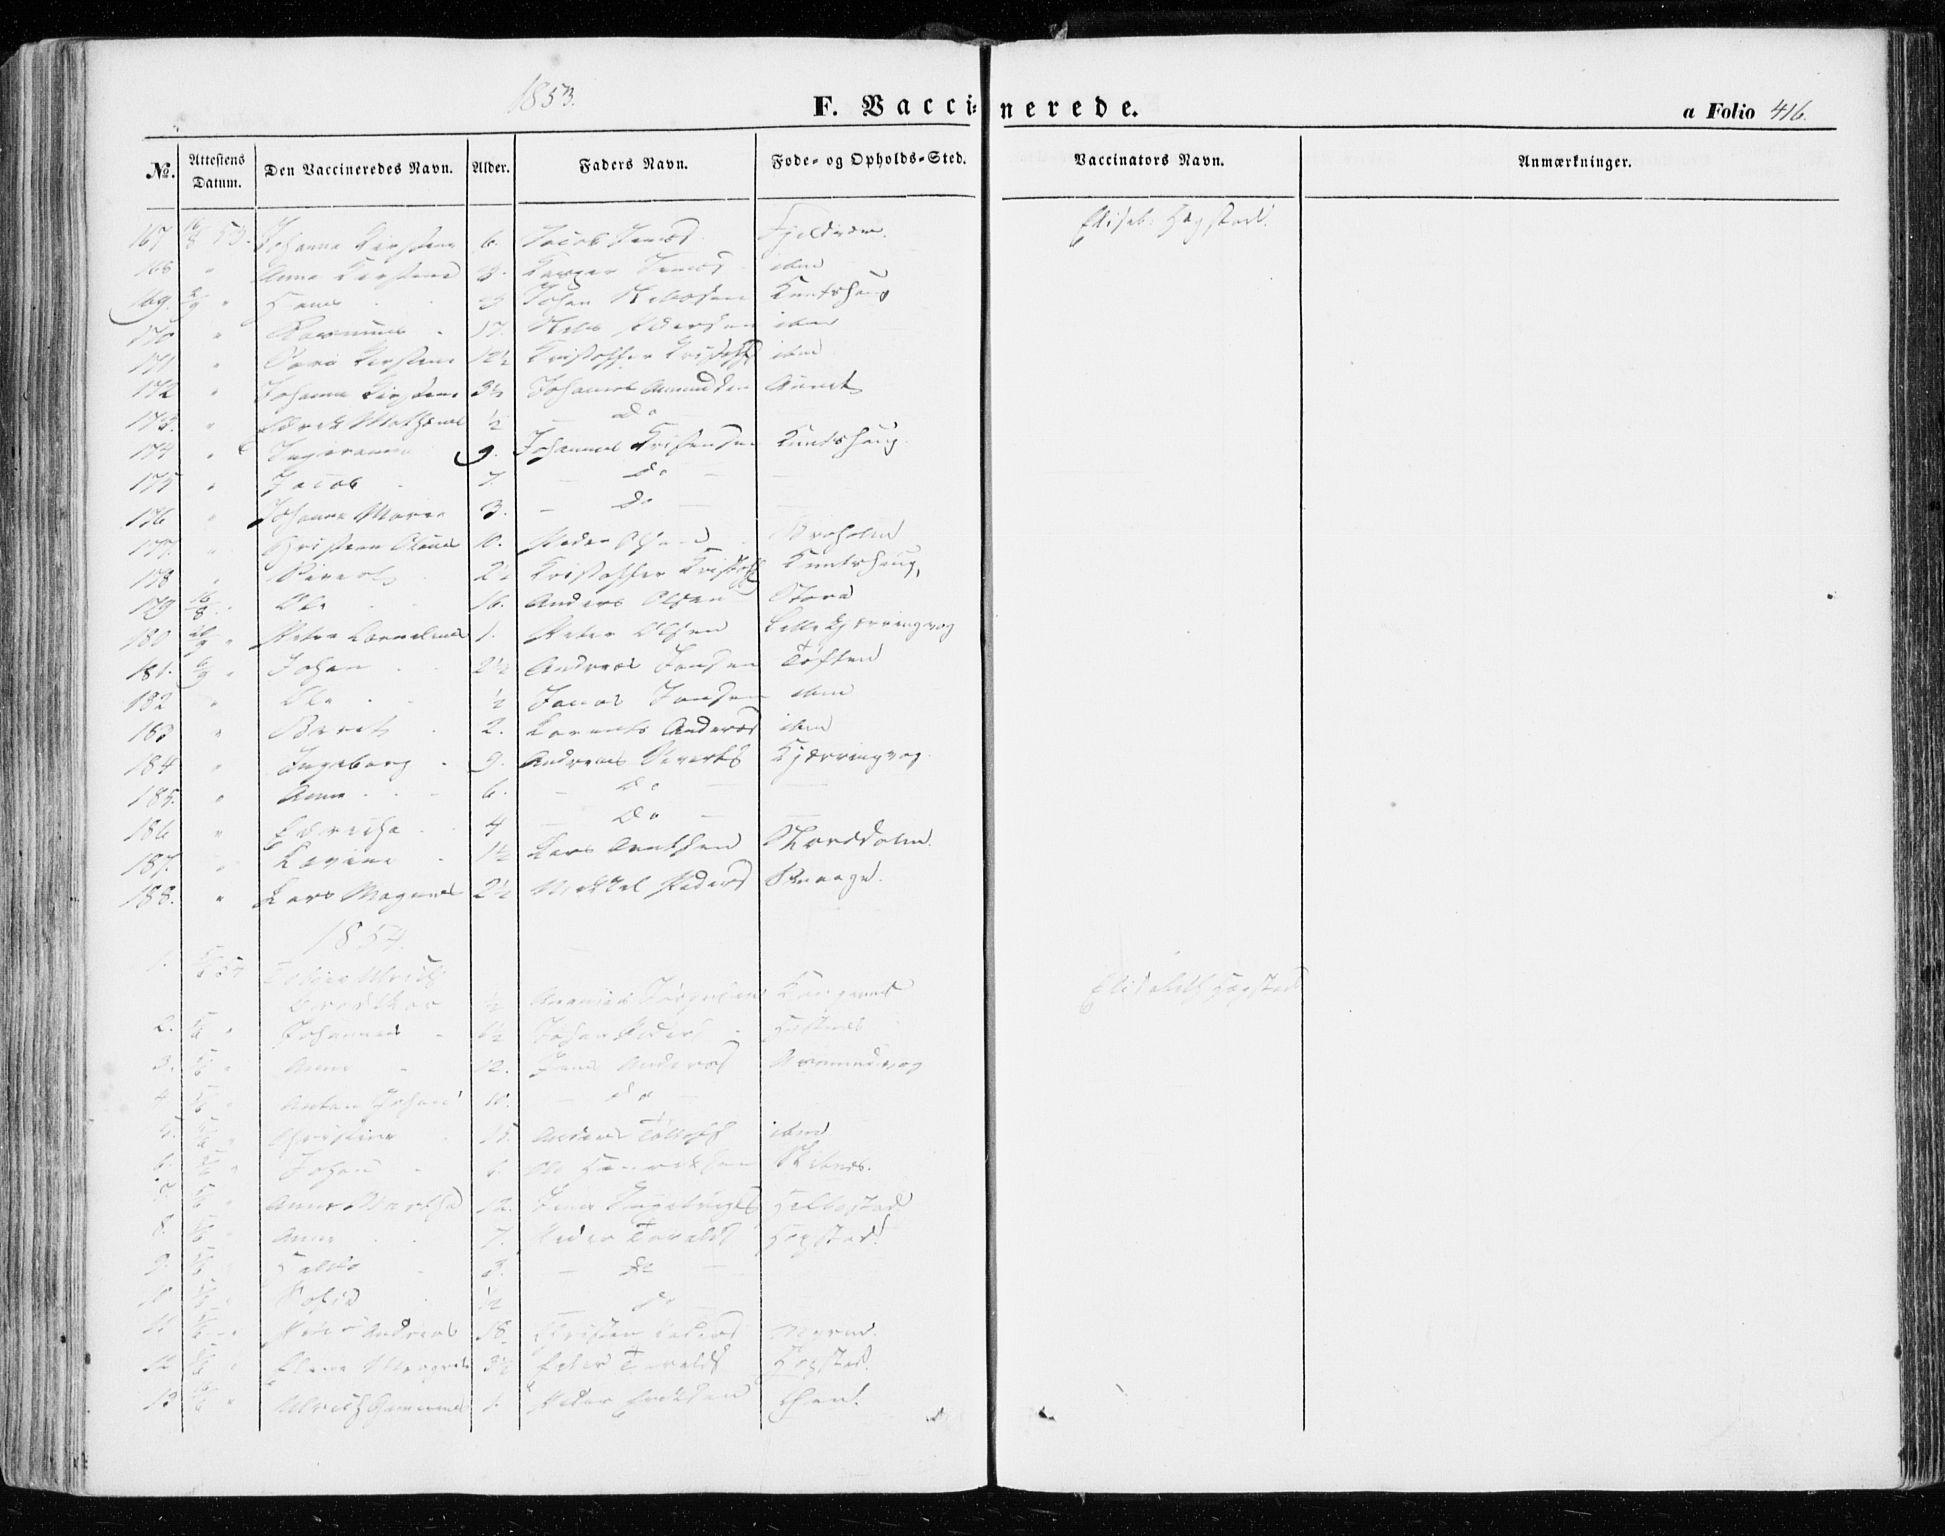 SAT, Ministerialprotokoller, klokkerbøker og fødselsregistre - Sør-Trøndelag, 634/L0530: Ministerialbok nr. 634A06, 1852-1860, s. 416